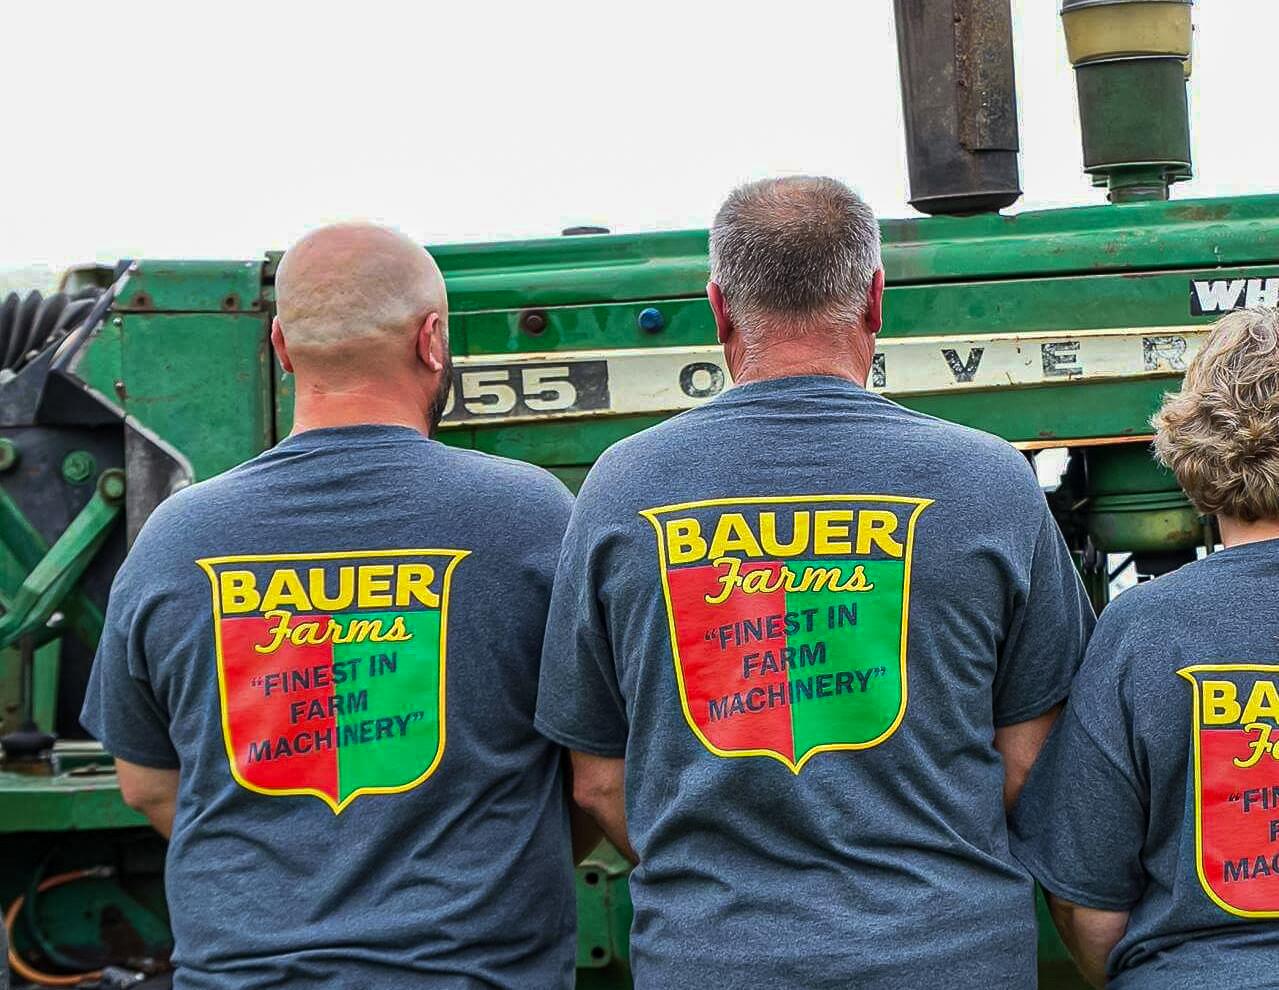 Clint Bauer Farms T Shirt